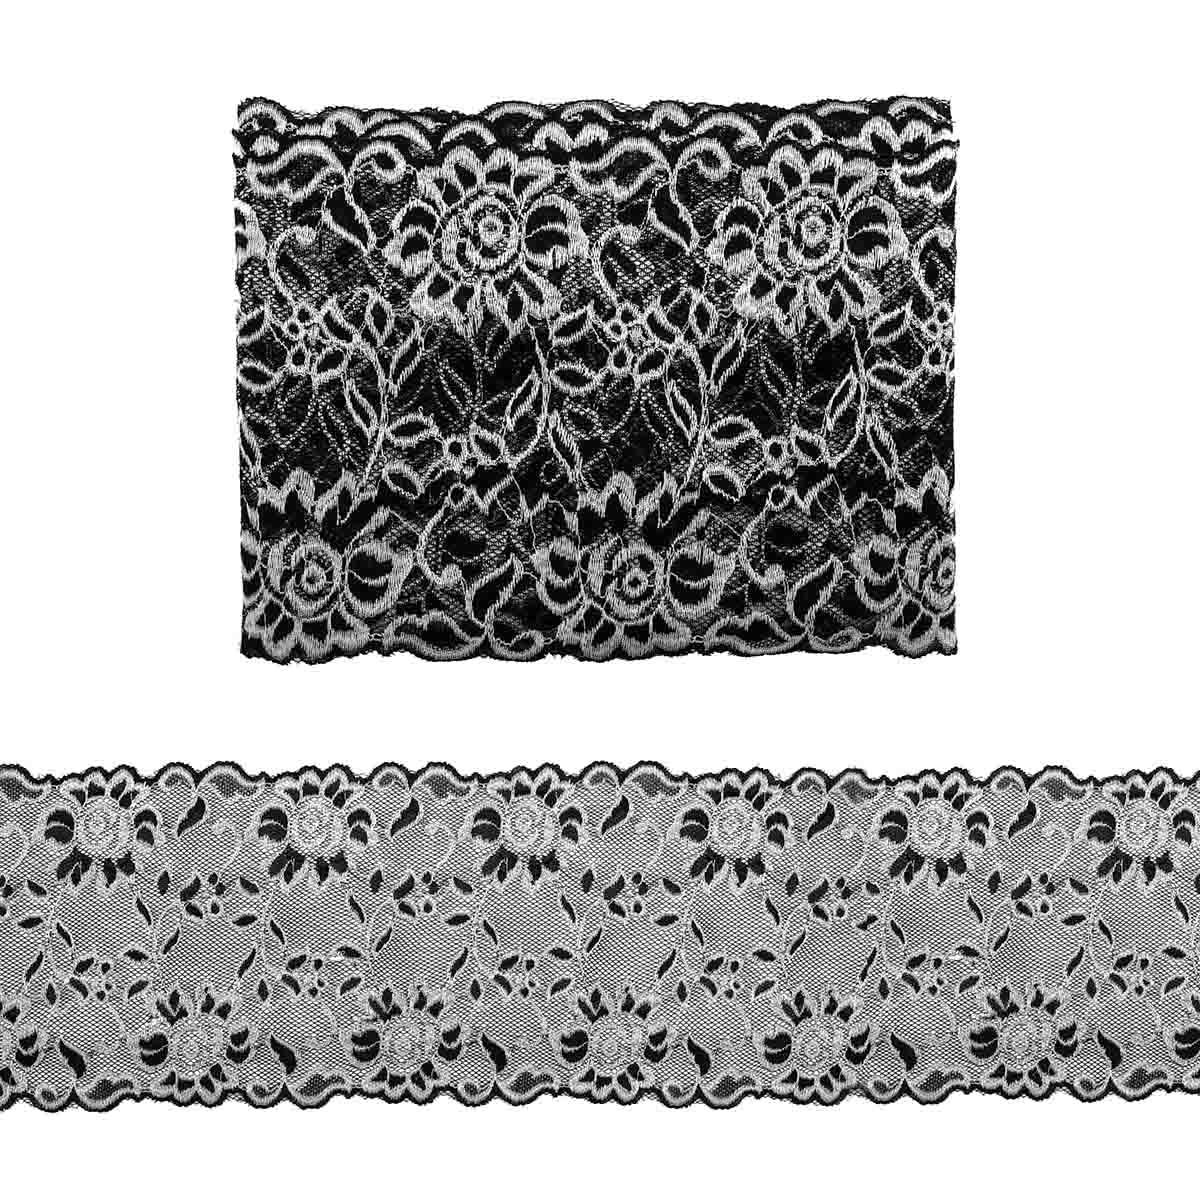 3AR362 Кружево эластичное двухцветное 17см*9,14 м (8 черный/серебро) фото